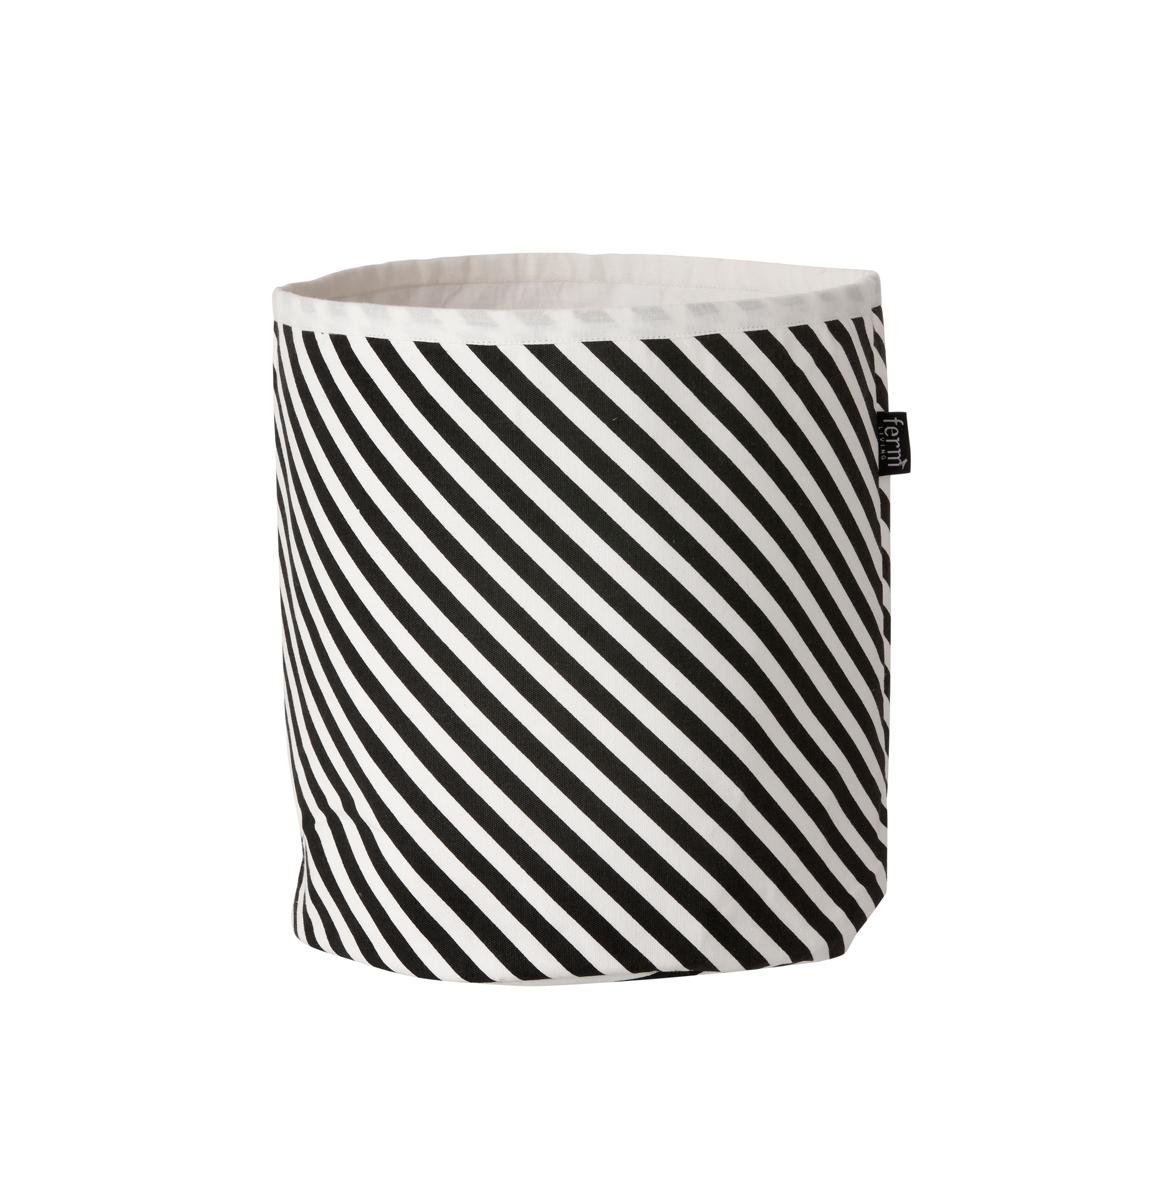 leo bella ferm living basket black stripe small. Black Bedroom Furniture Sets. Home Design Ideas